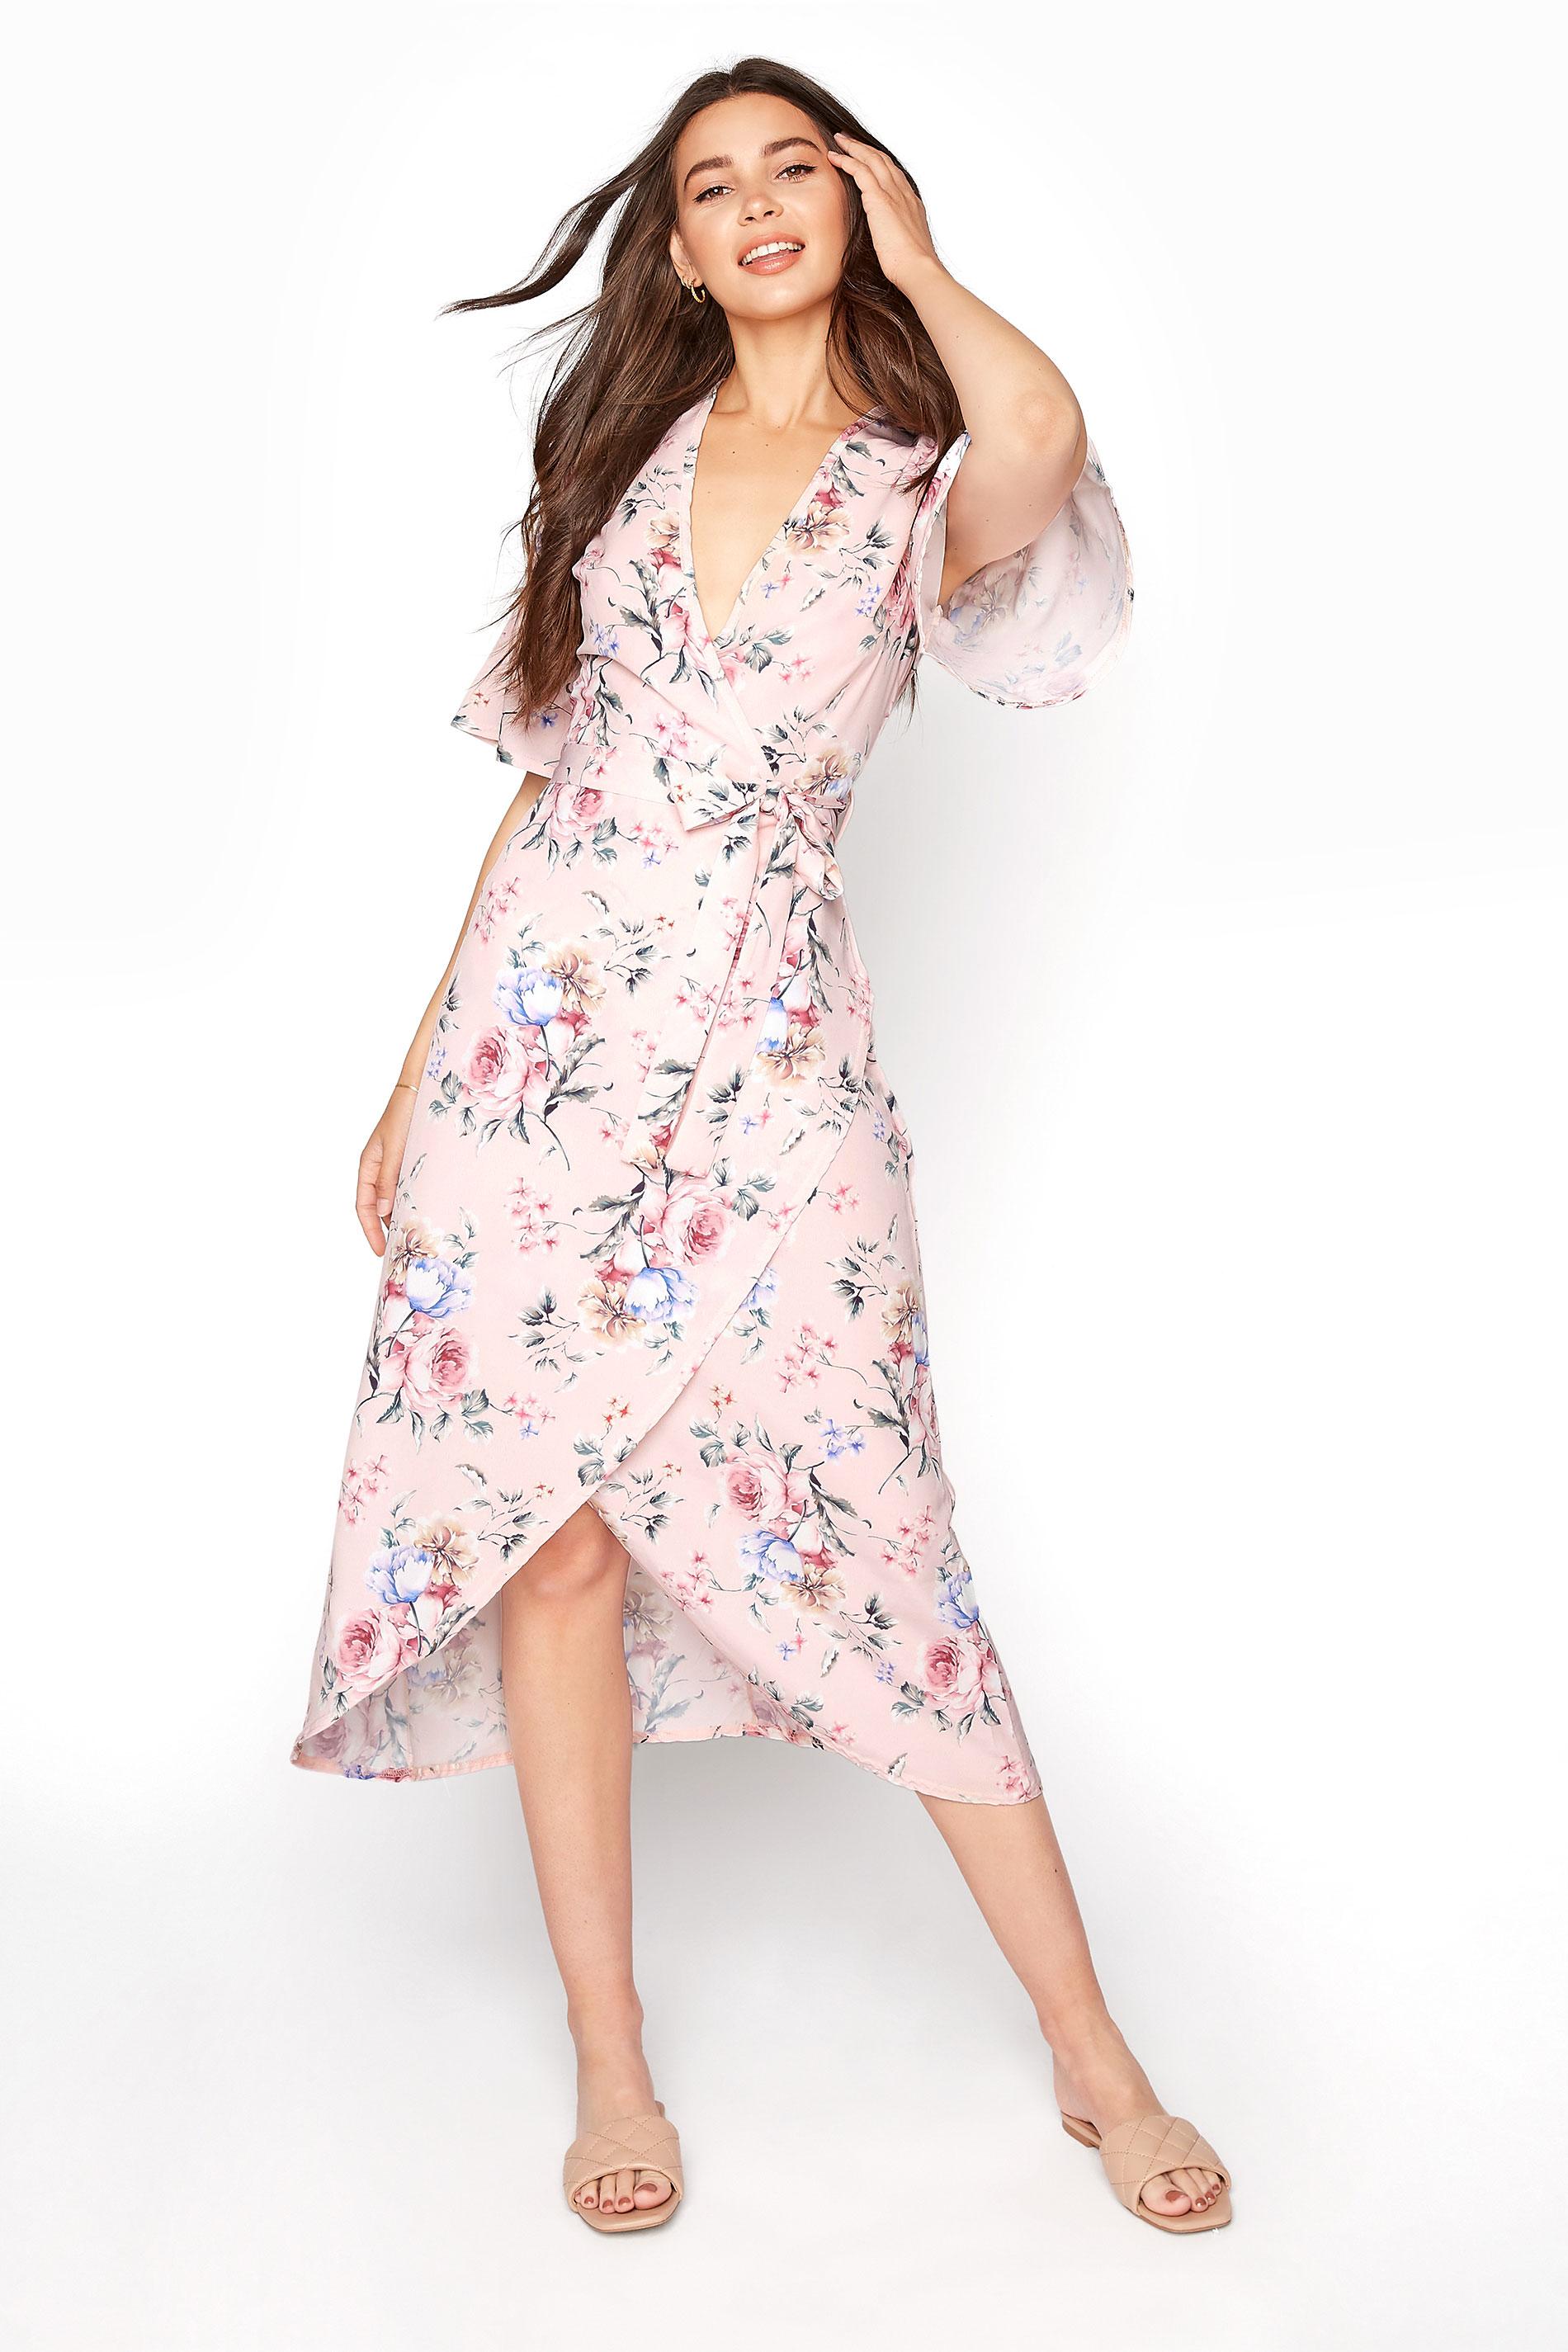 LTS Blush Pink Wrap Floral Dress